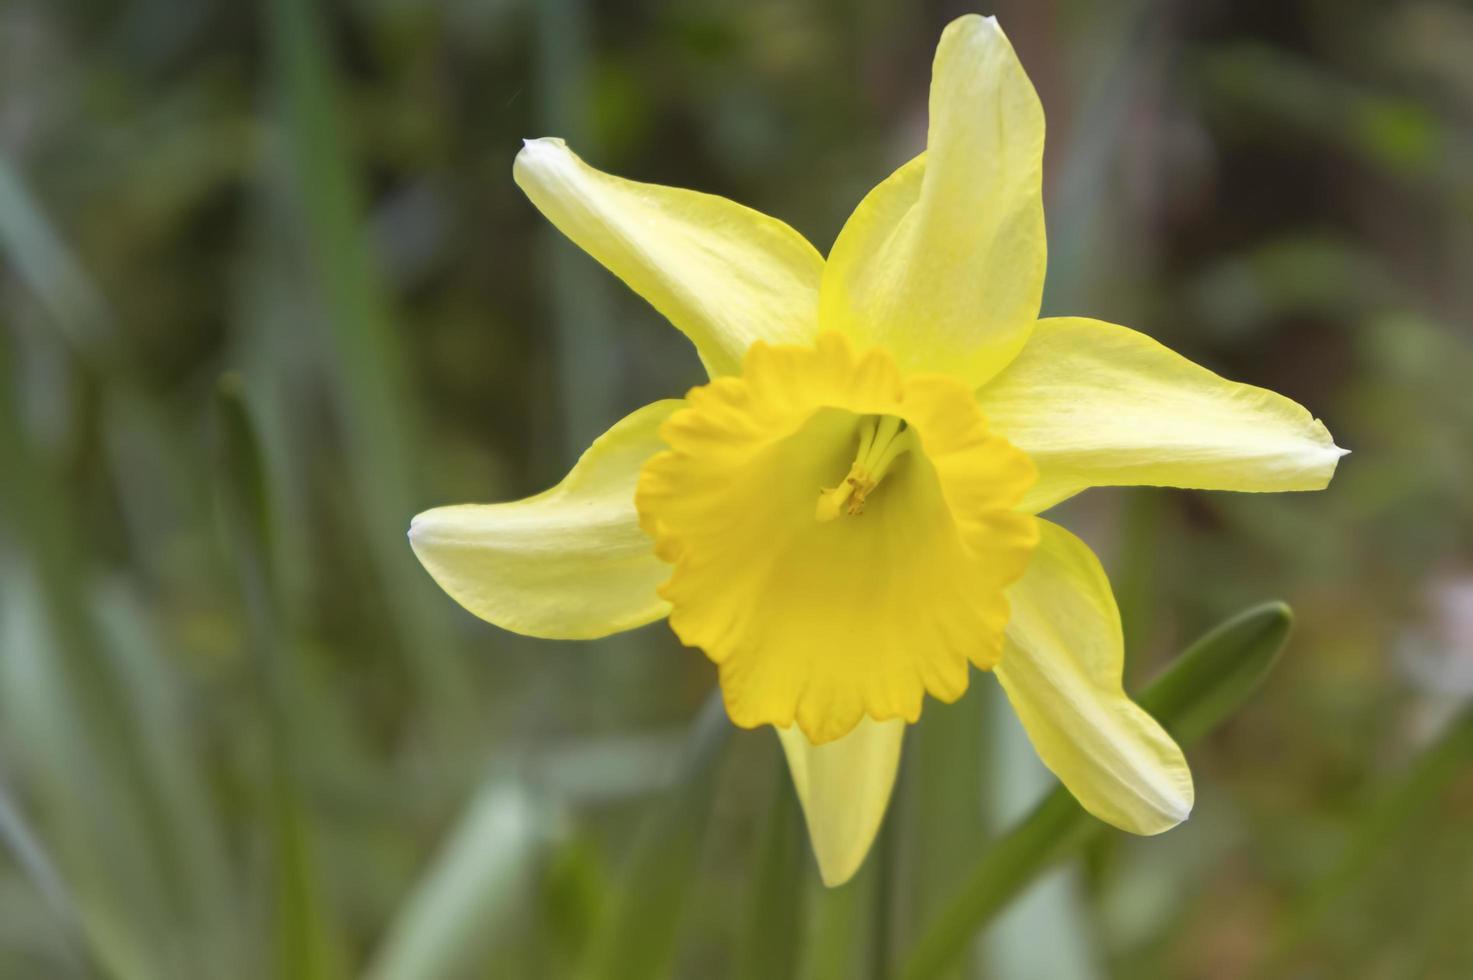 sfondo naturale con fiore giallo narciso foto